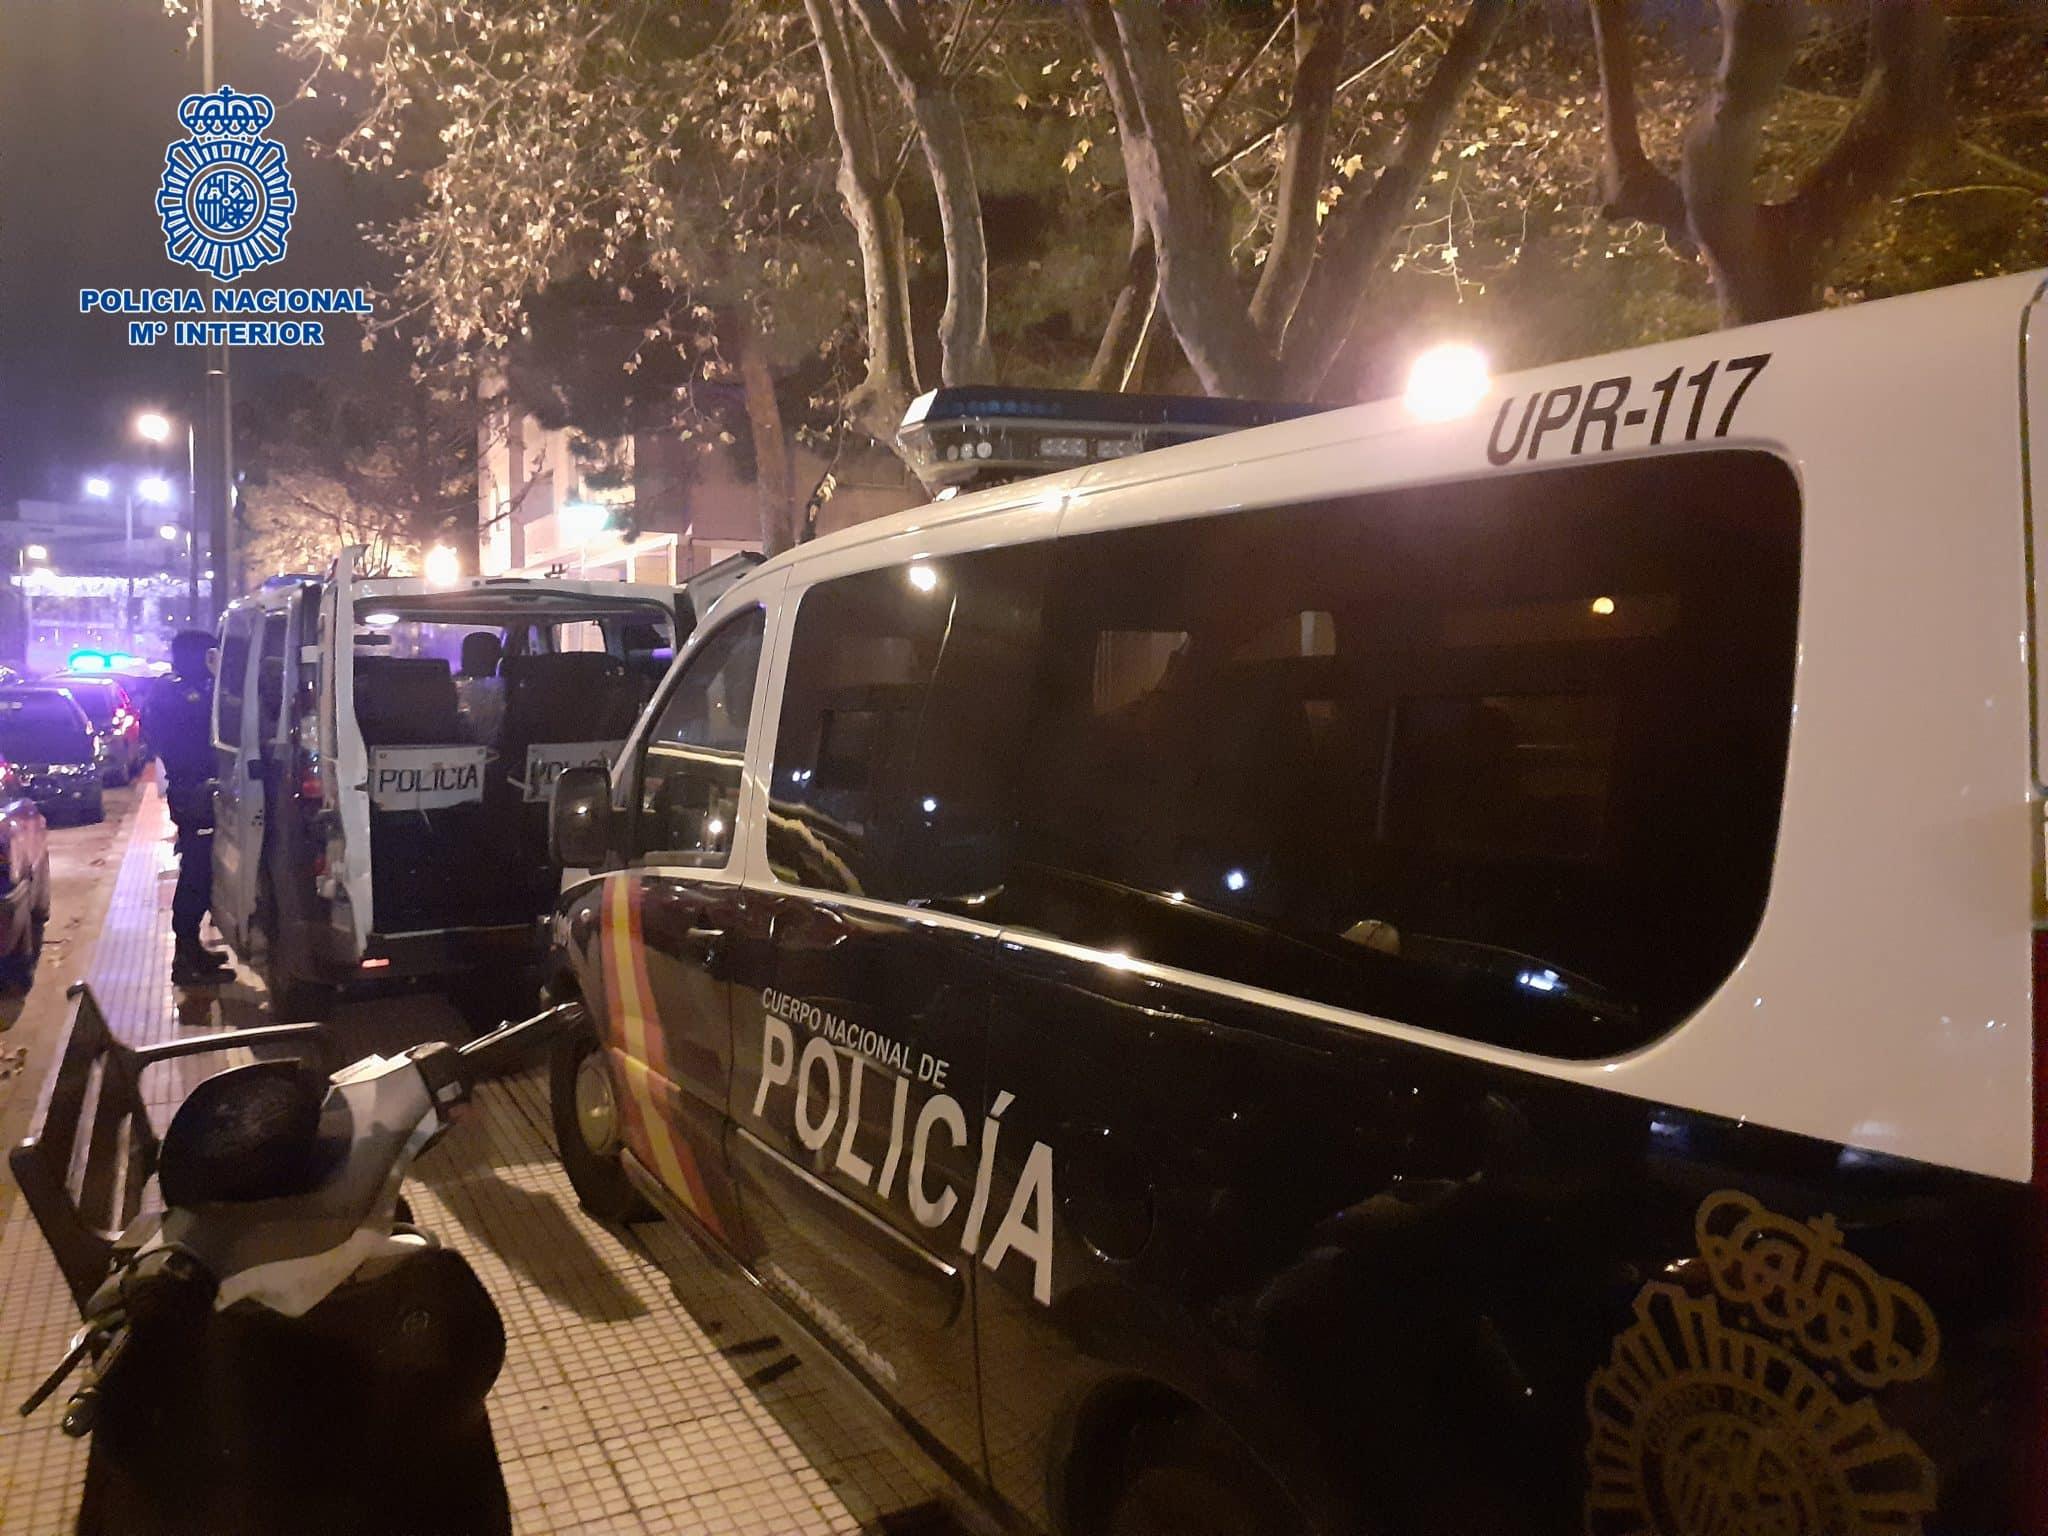 La Policía detiene a seis personas y desarticula dos puntos activos de venta de droga a menores en Logroño 8